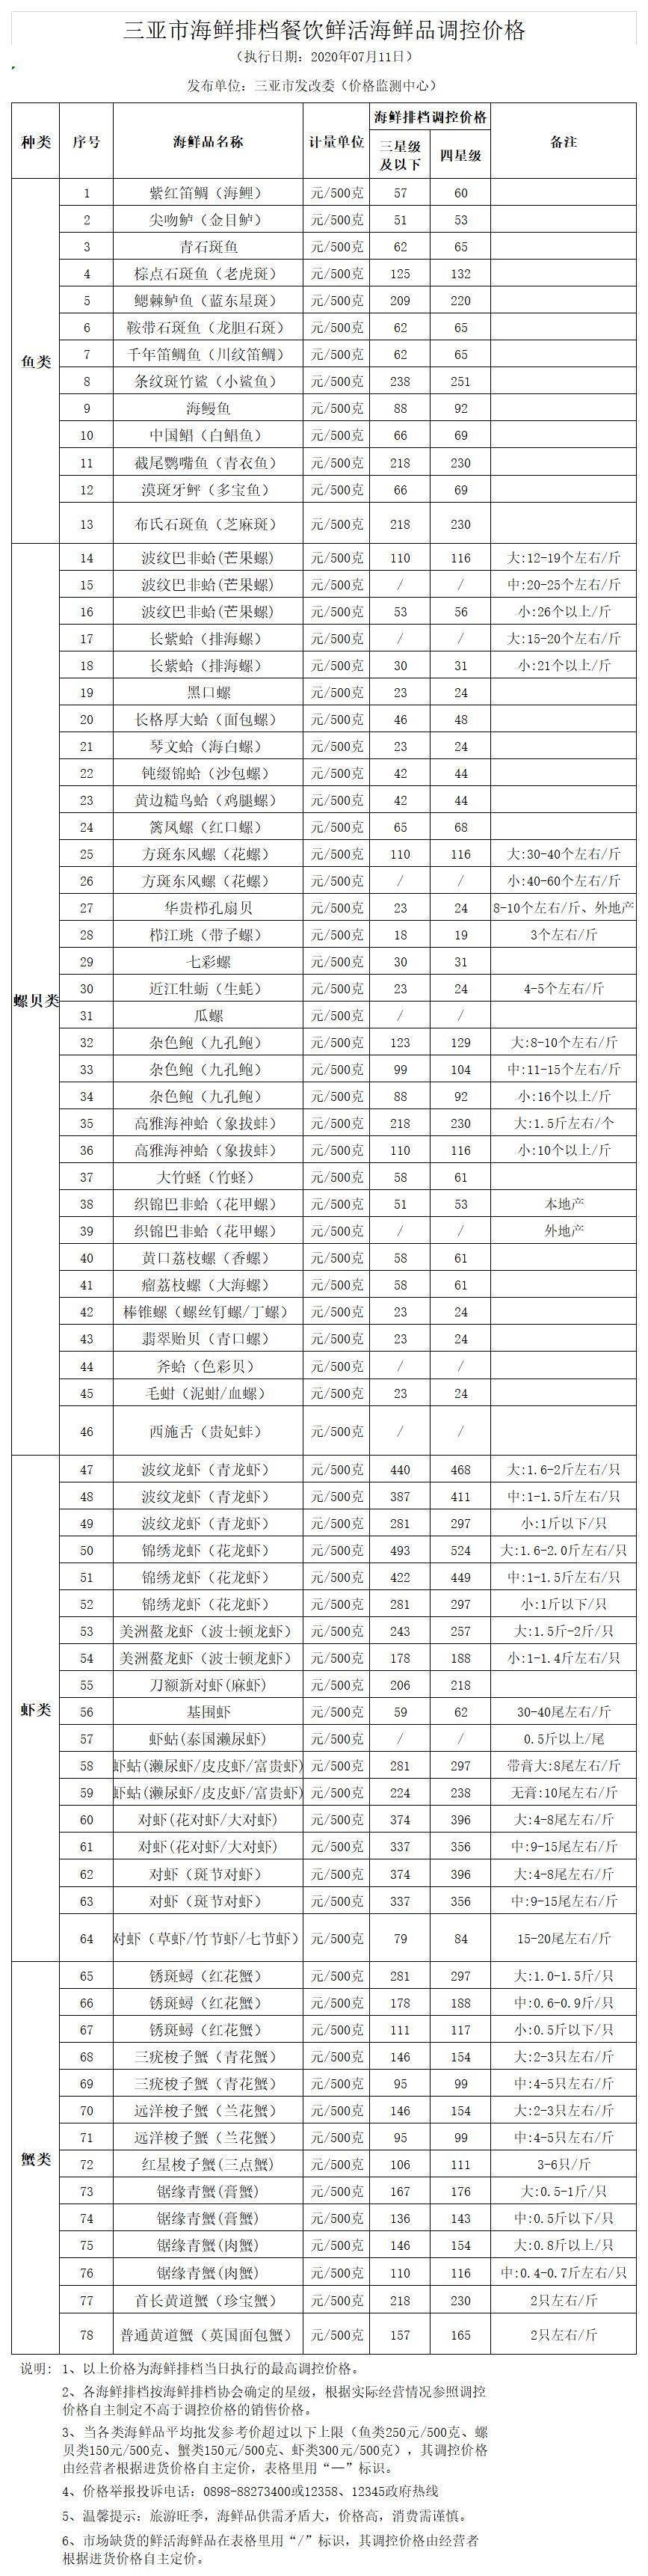 三亚市海鲜排档餐饮鲜活海鲜品调控价格(2019.8.16)(1)